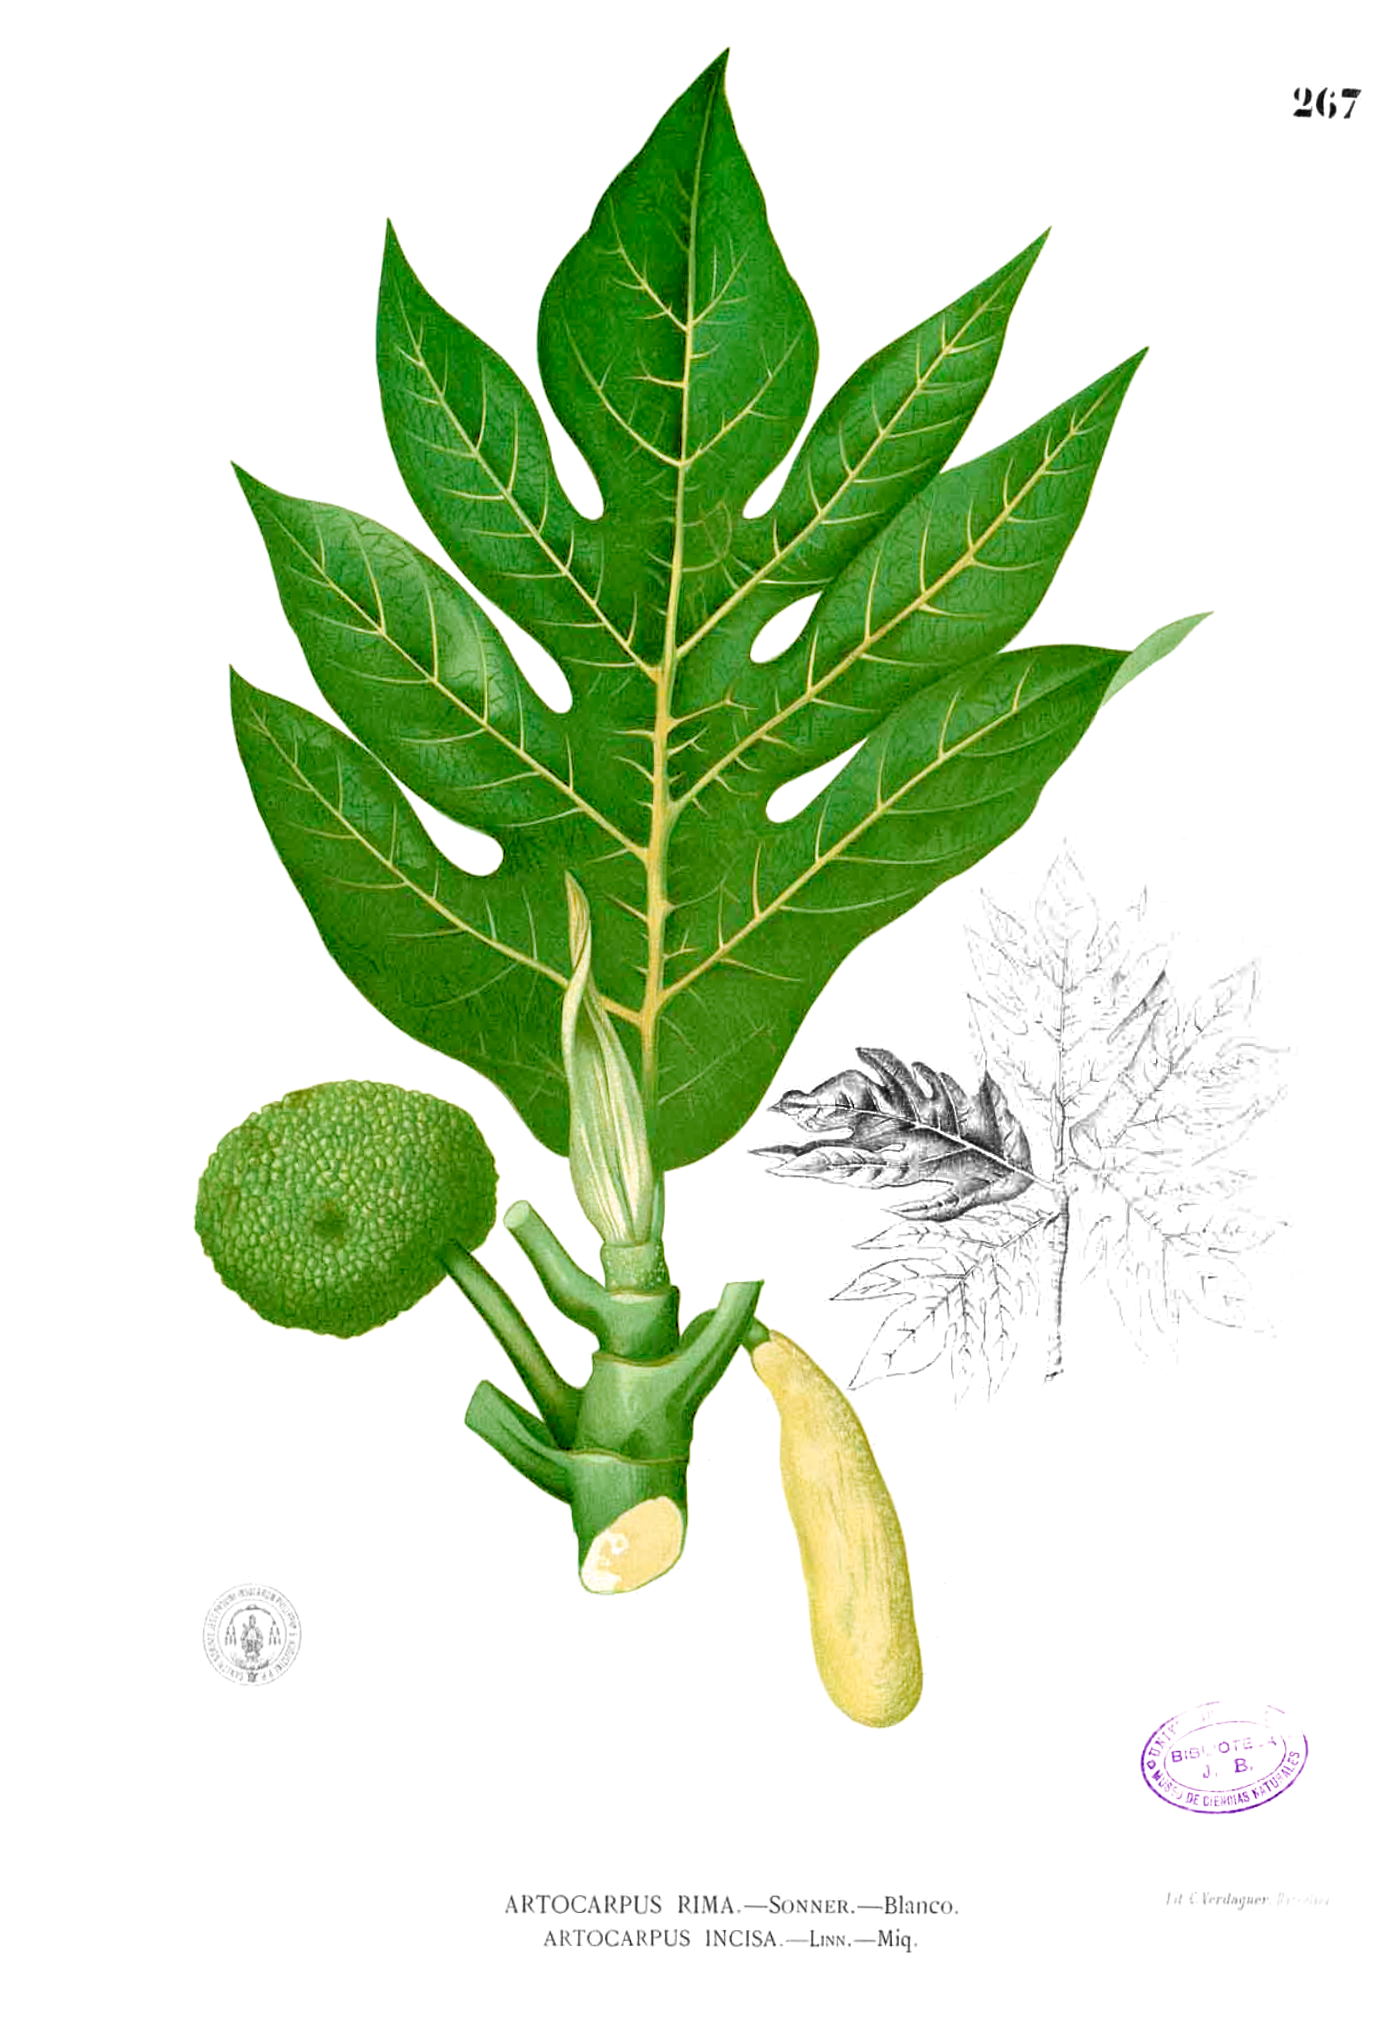 Depiction of Artocarpus altilis